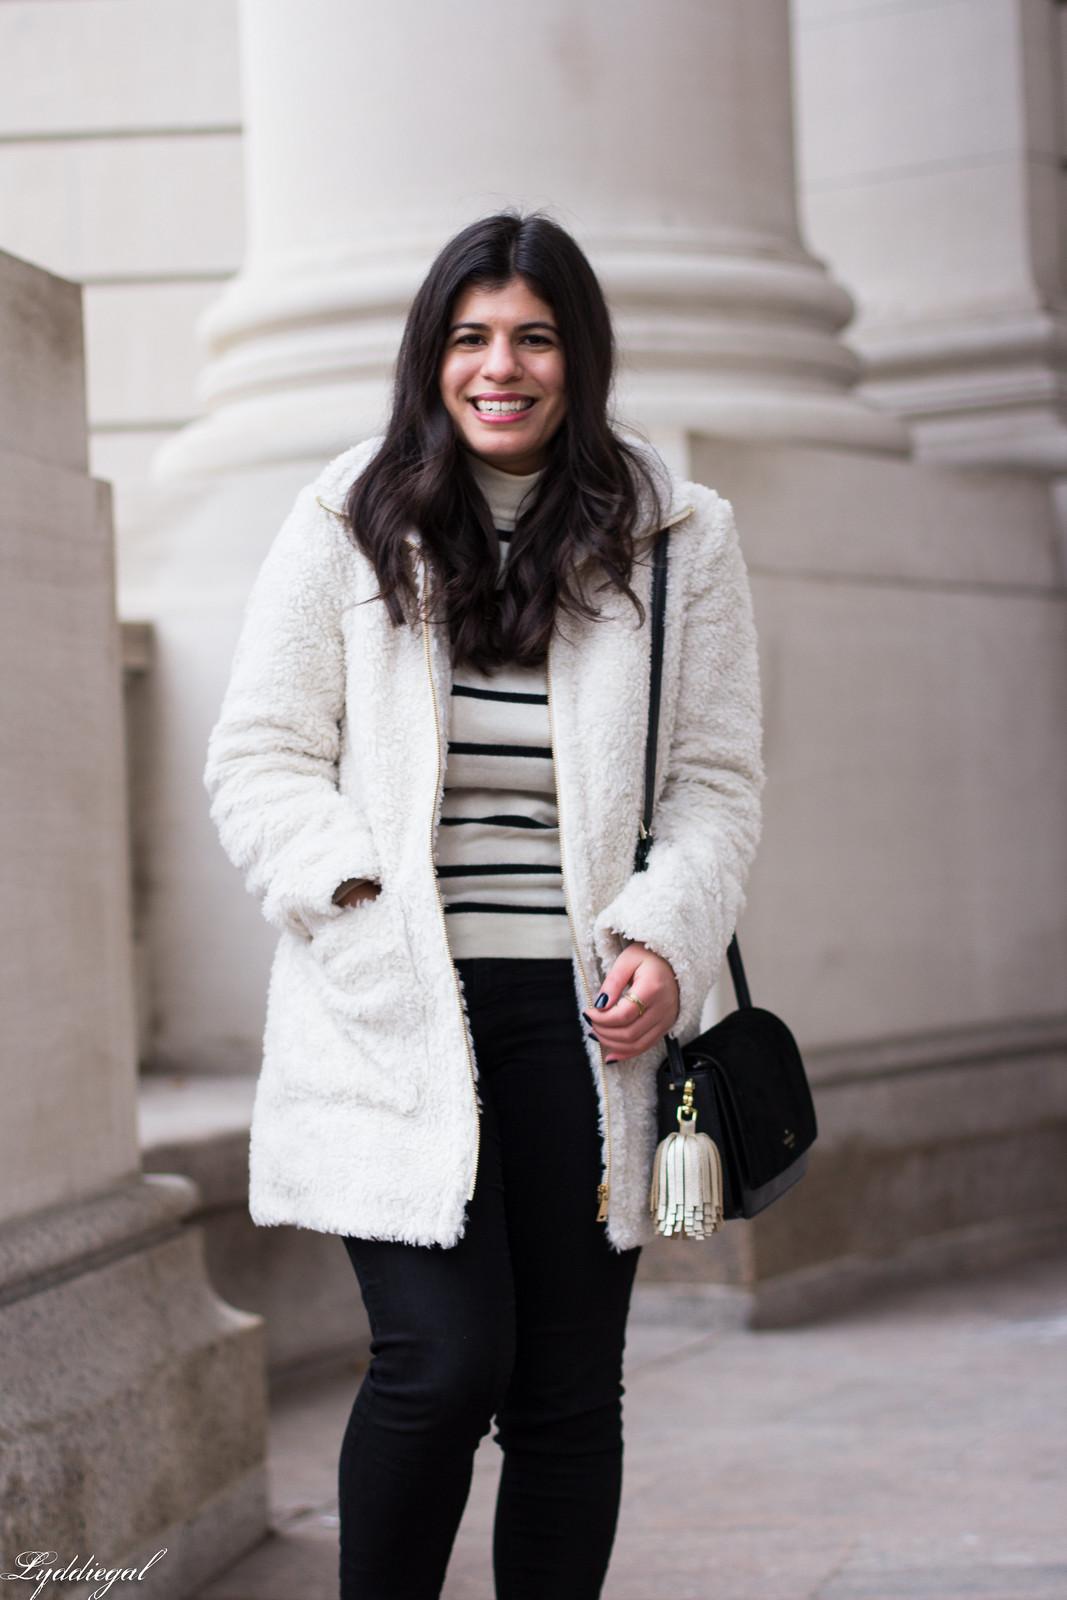 loft teddy bear coat, striped sweater, black jeans, red ferragamo flats-15.jpg